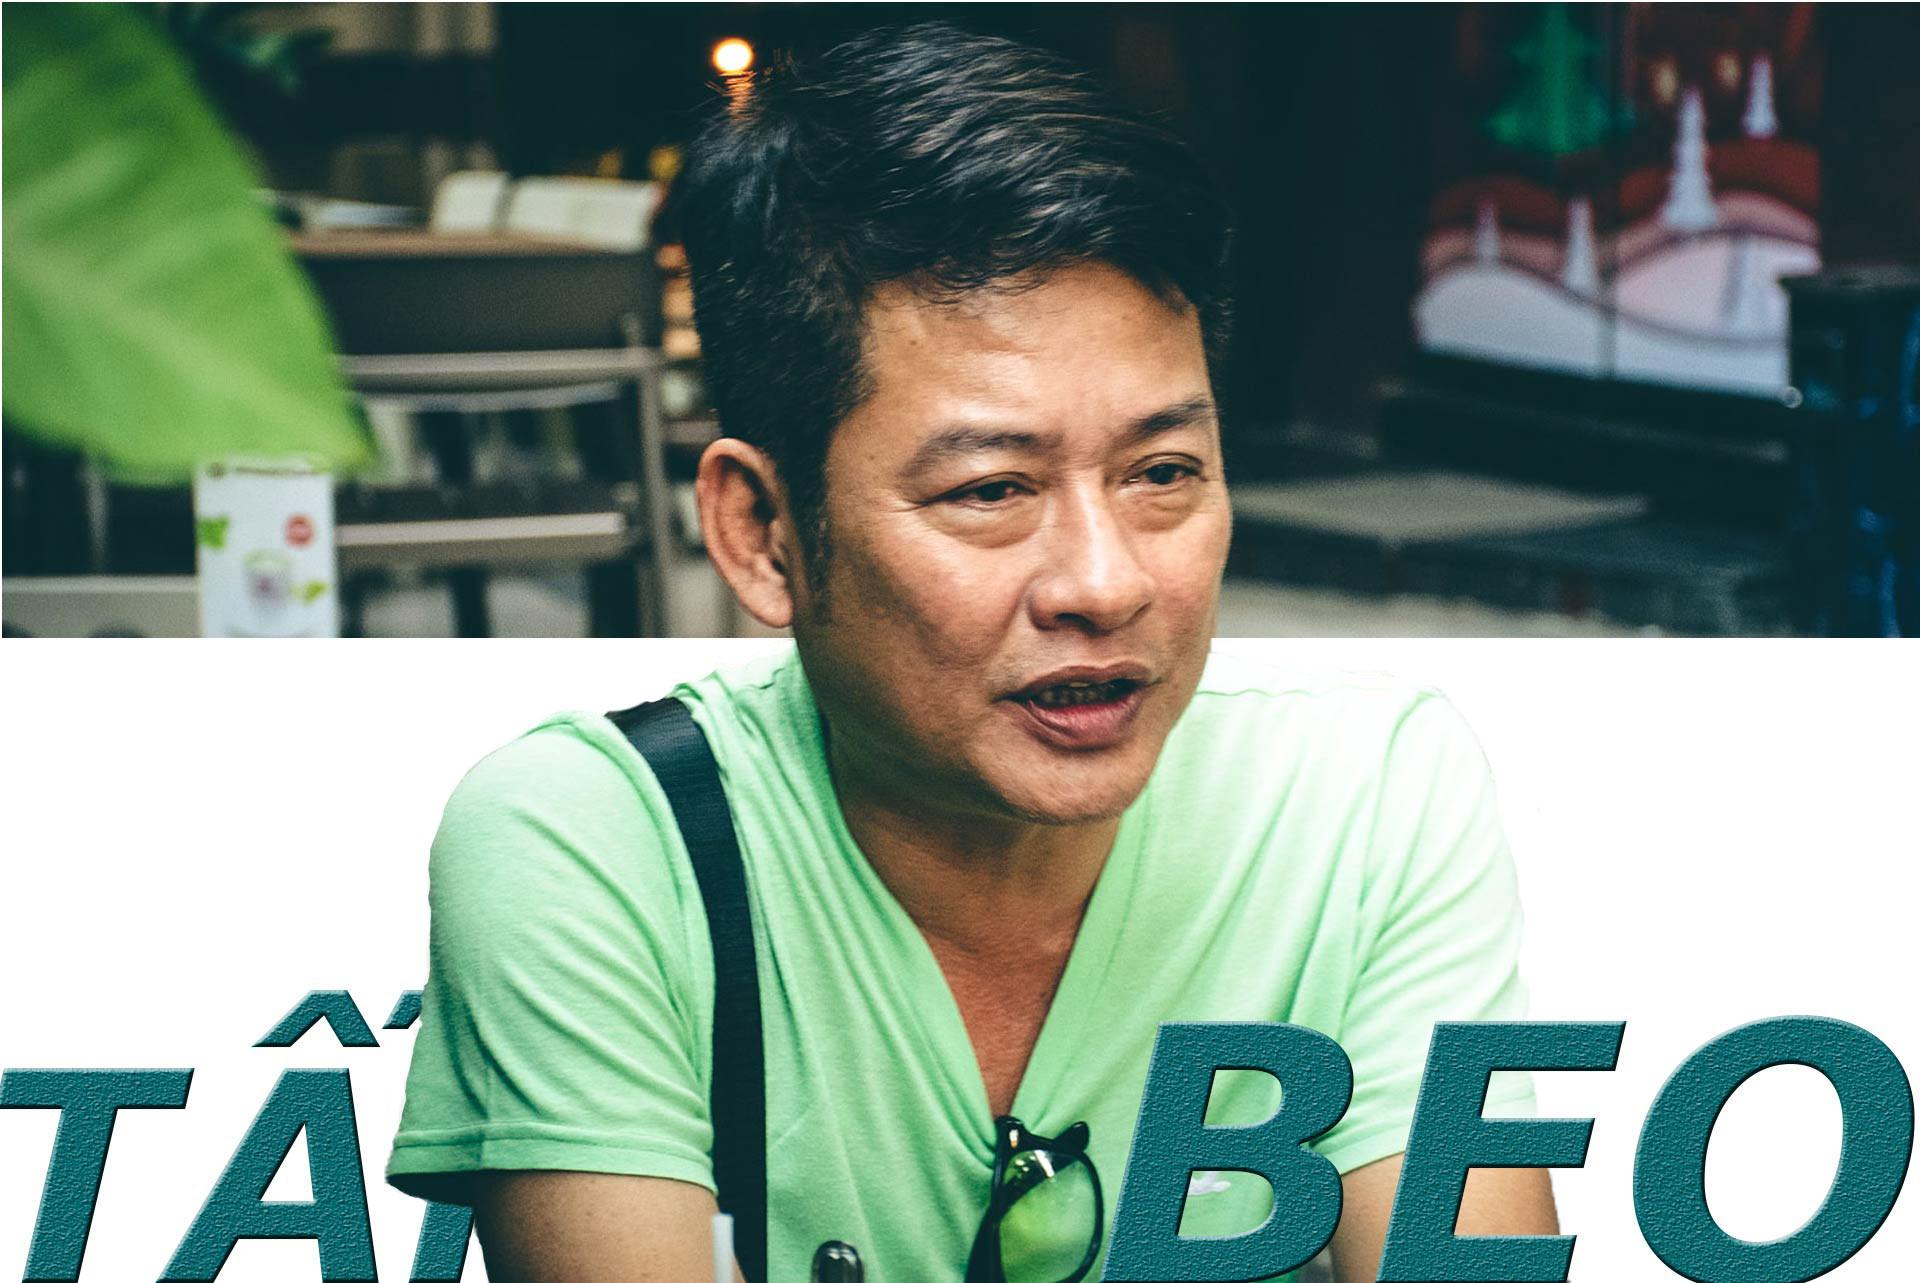 Danh hài Tấn Beo: Những người lên báo vạch mặt nhau không phải là nghệ sĩ - 10